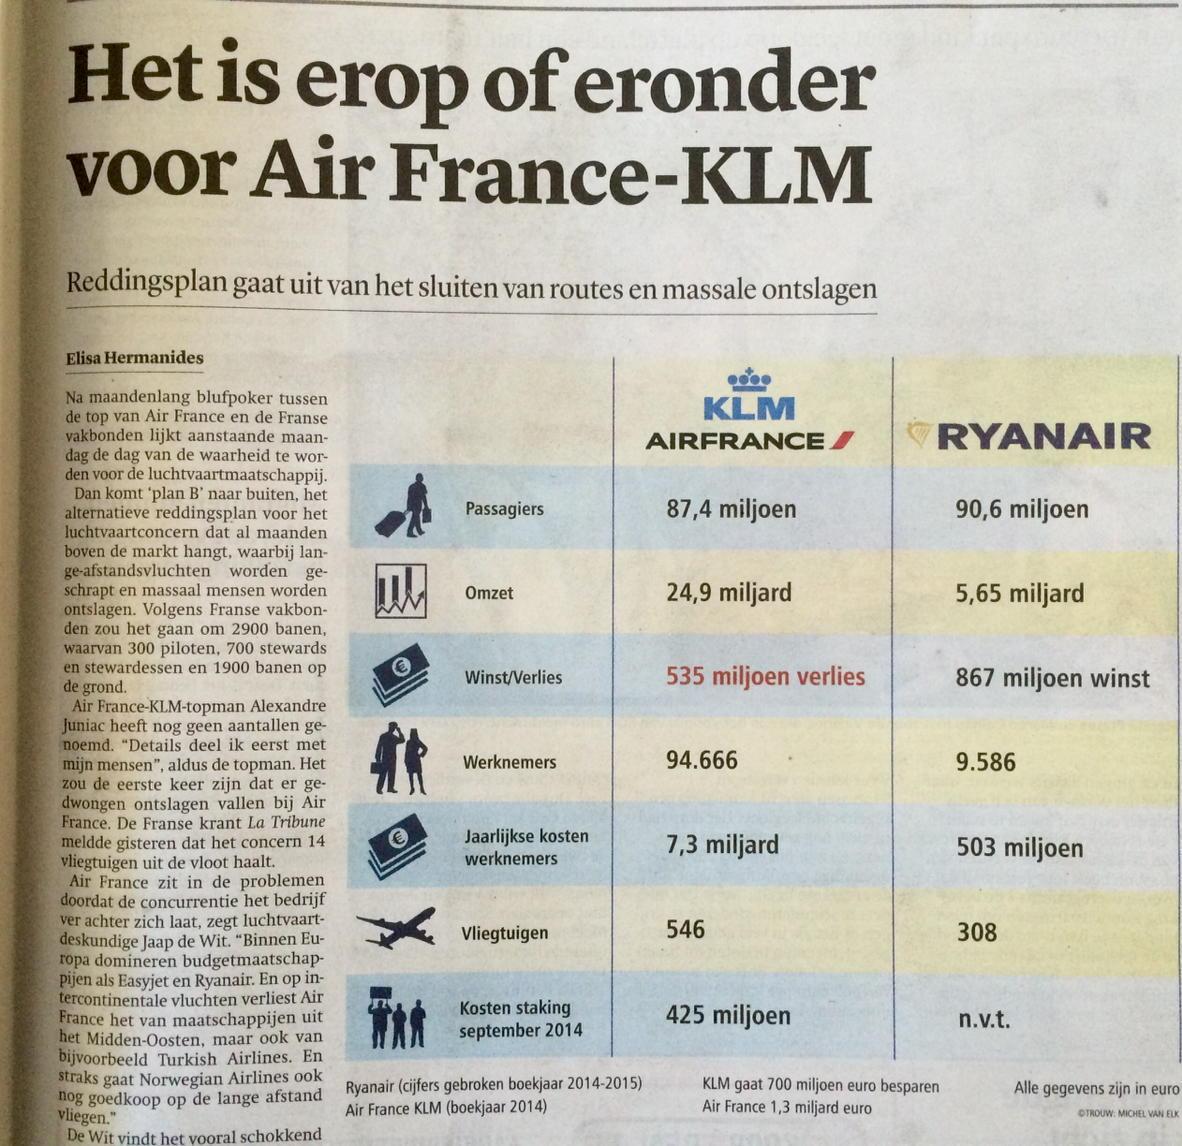 Ben geen fan van Ryanair, maar kijk eens naar de verschillen in assets, volume, werknemers met KLM #trouw http://t.co/vSMNwiYPqz